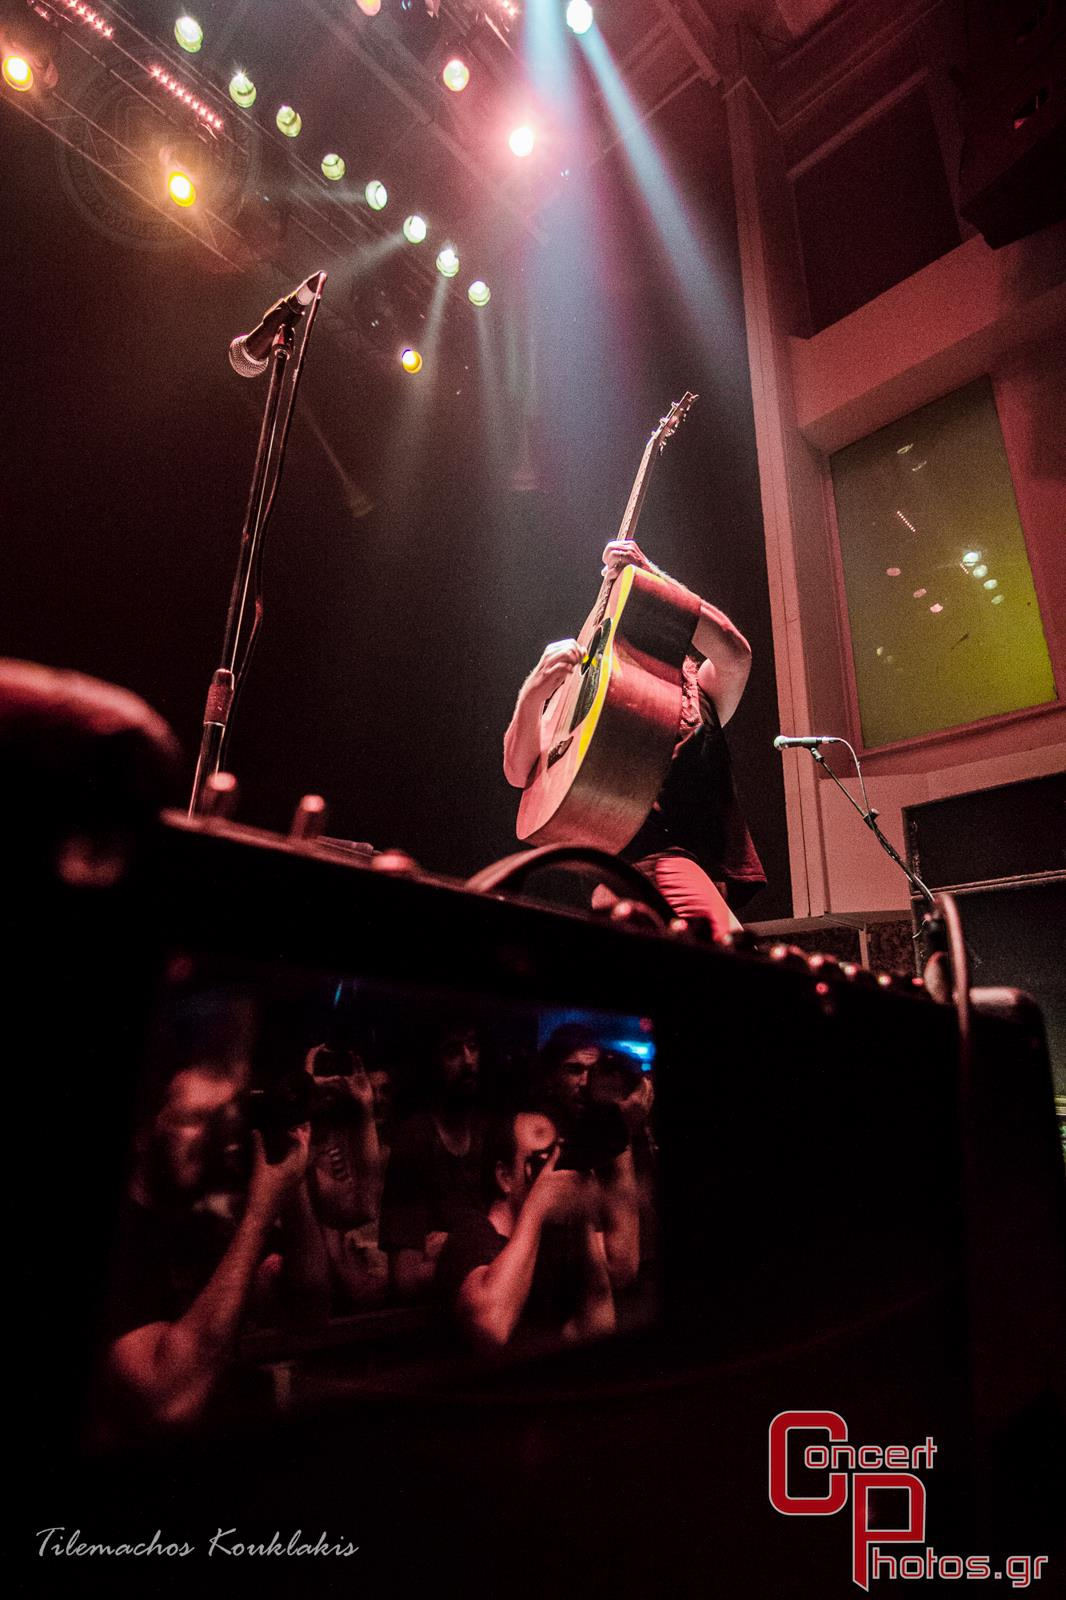 Violent Femmes-Violent Femmes photographer:  - concertphotos_20140619_00_43_55-7